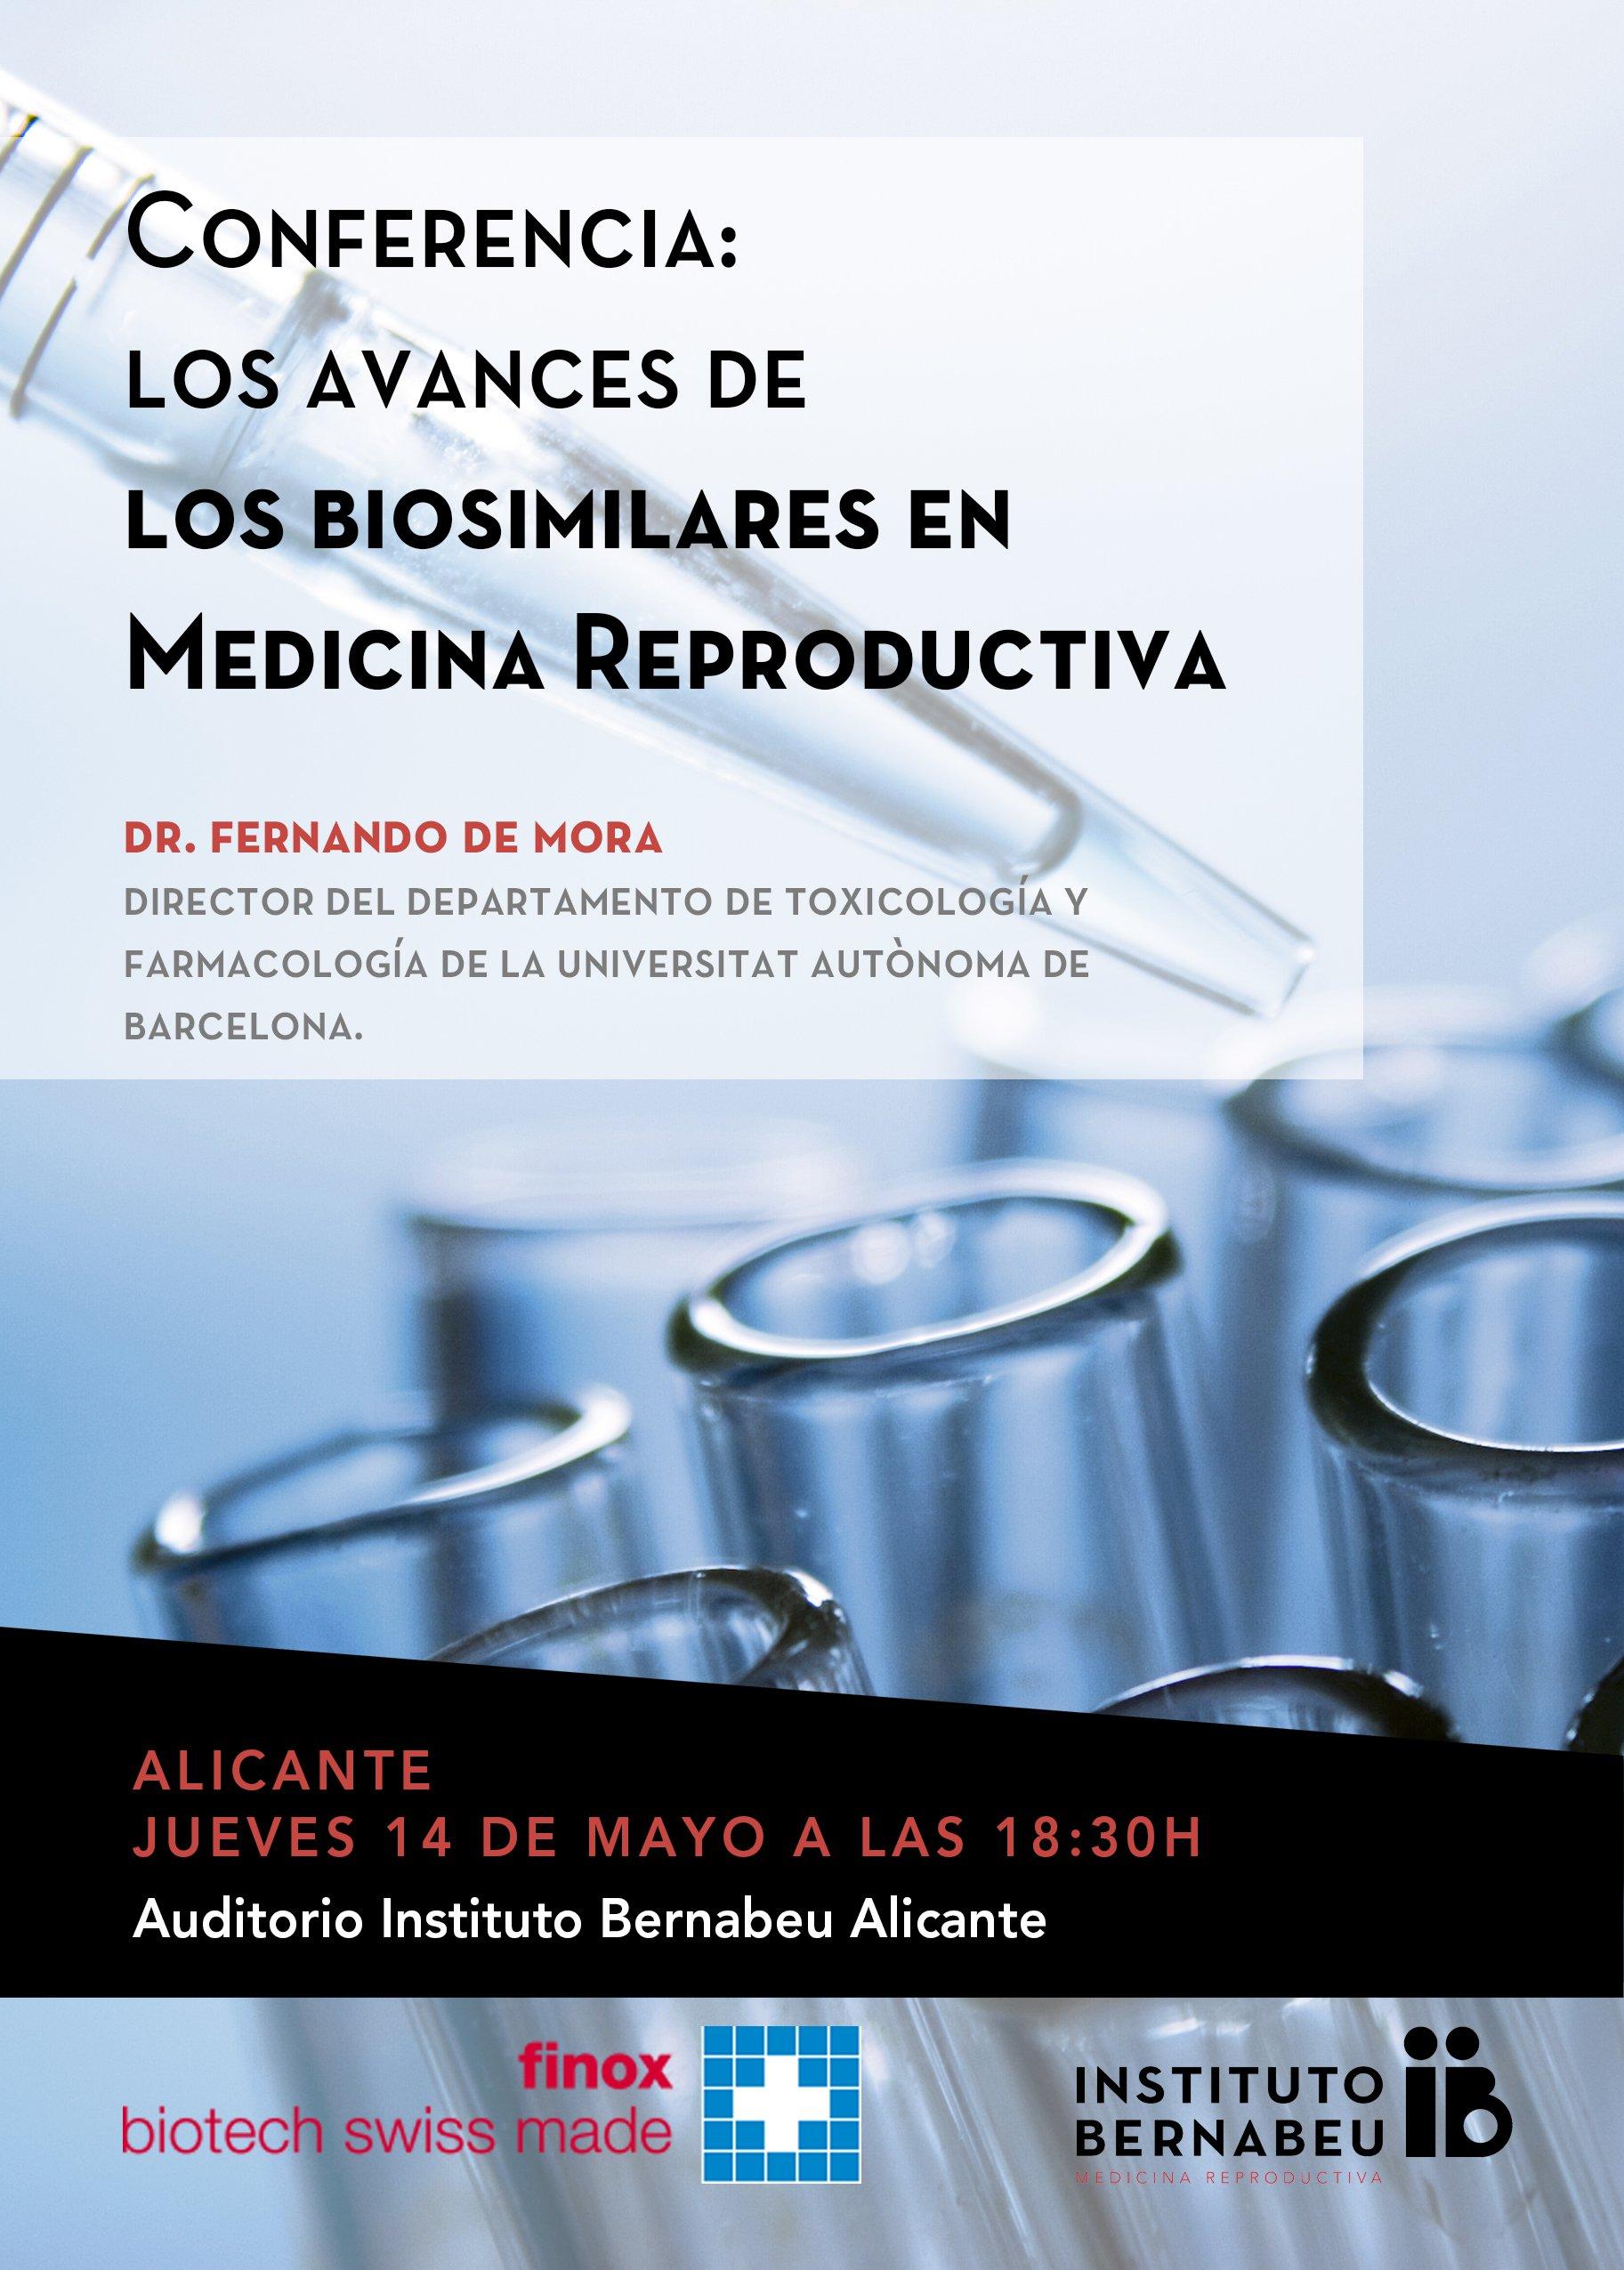 Conferencia: Los avances de los biosimilares en Medicina Reproductiva